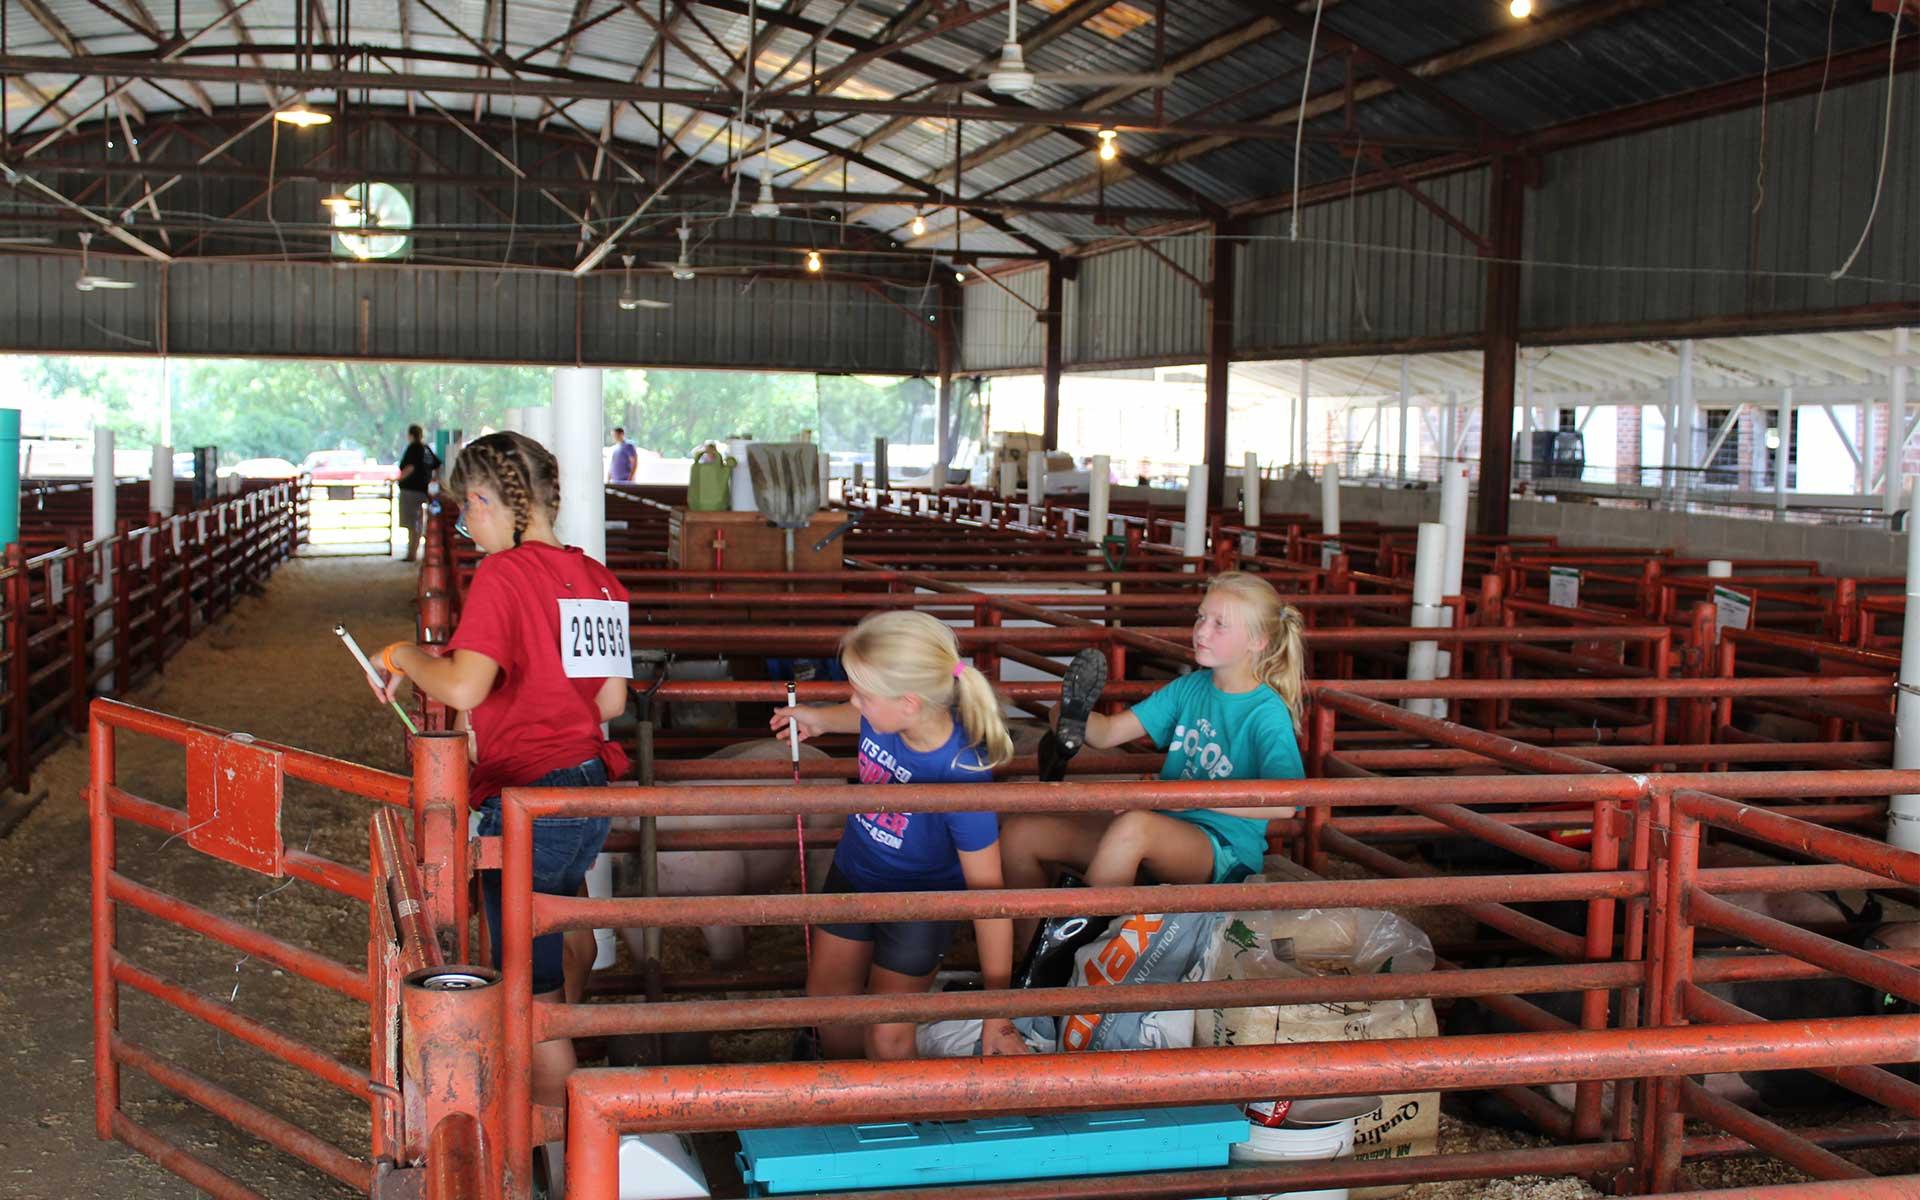 girls in livestock barn at fair